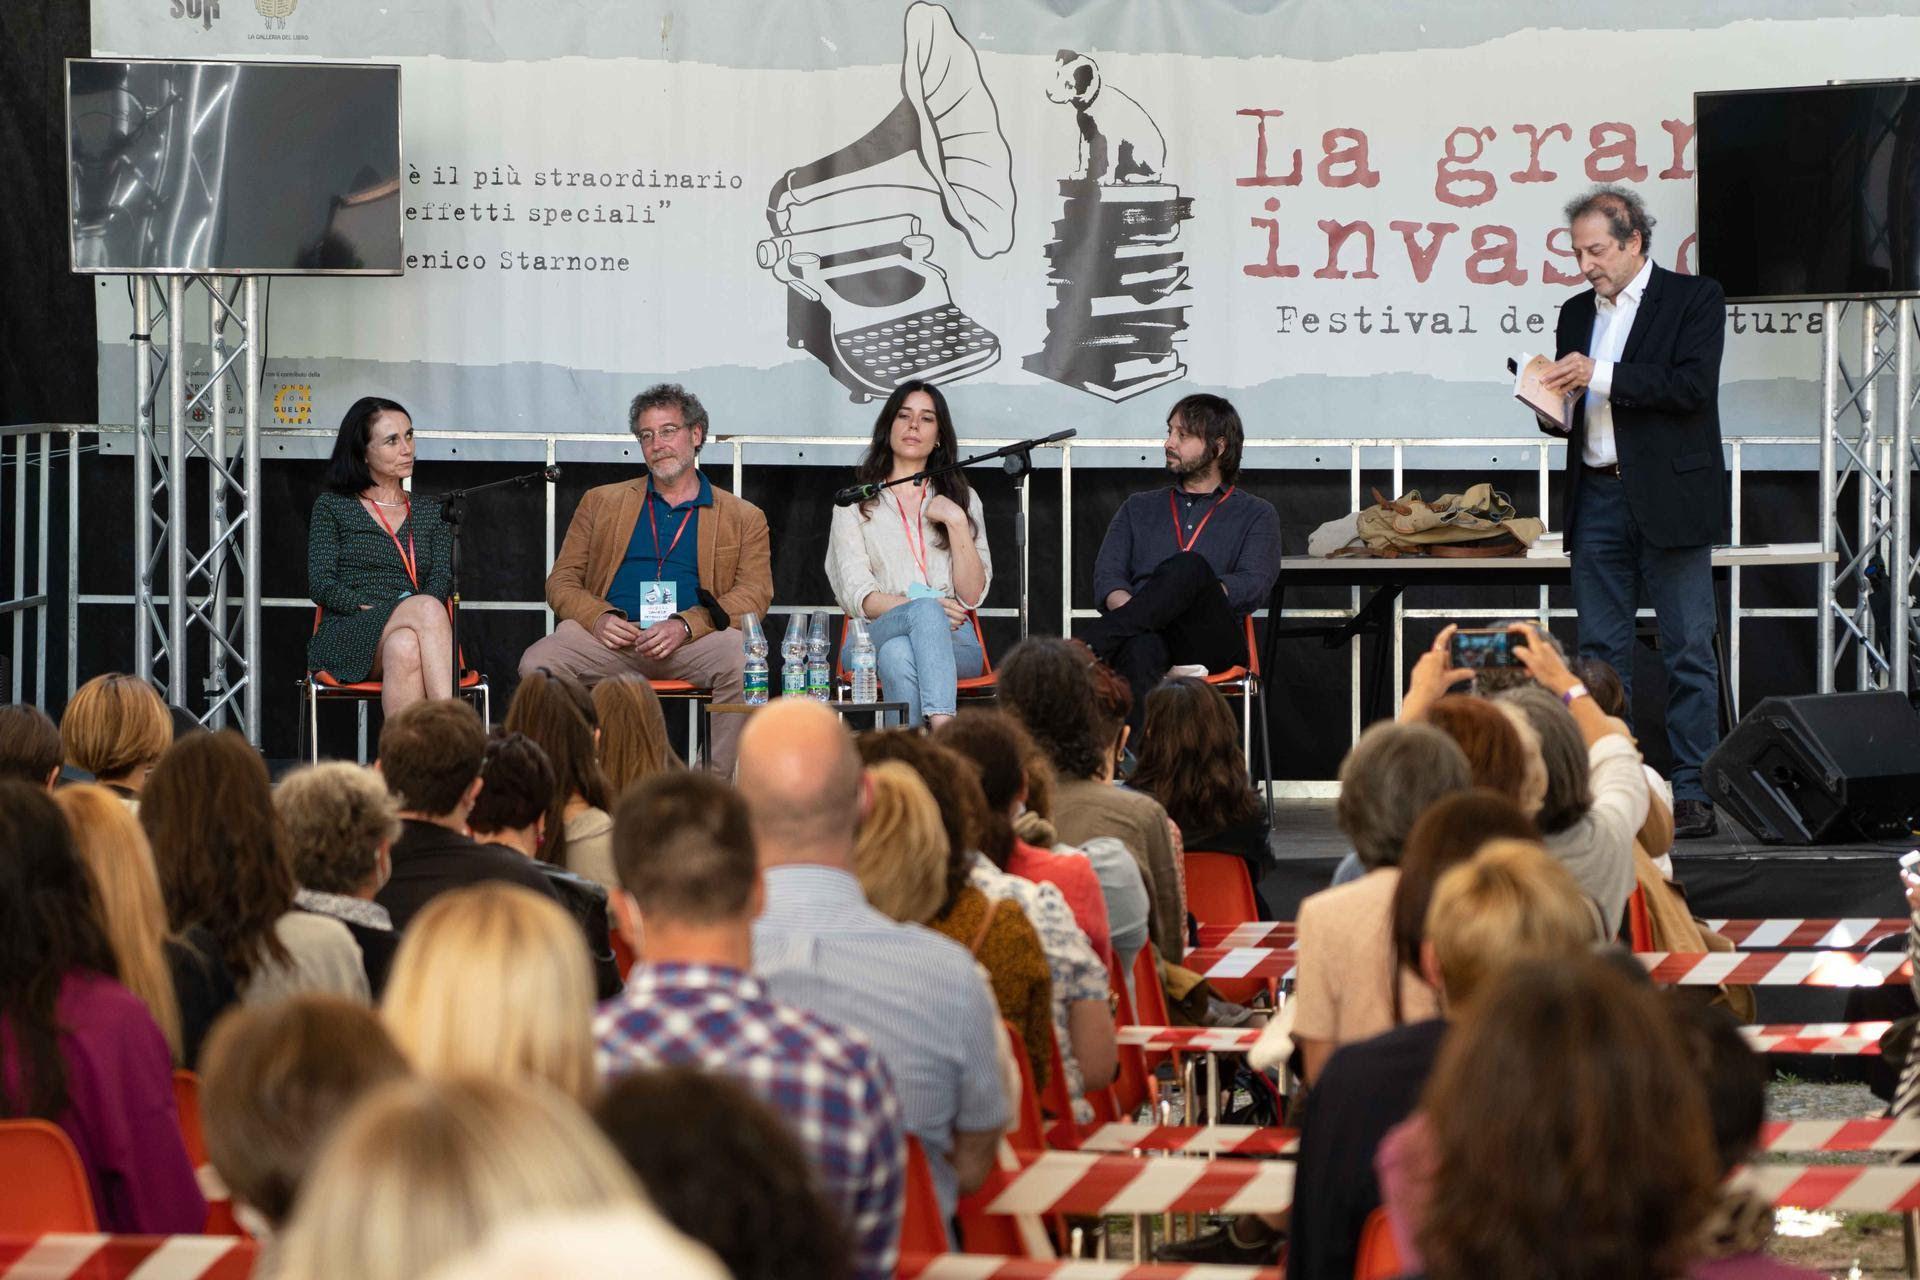 IVREA - Bilancio super positivo per «La Grande Invasione»: nel 2022 sarà ospite l'editore Sellerio